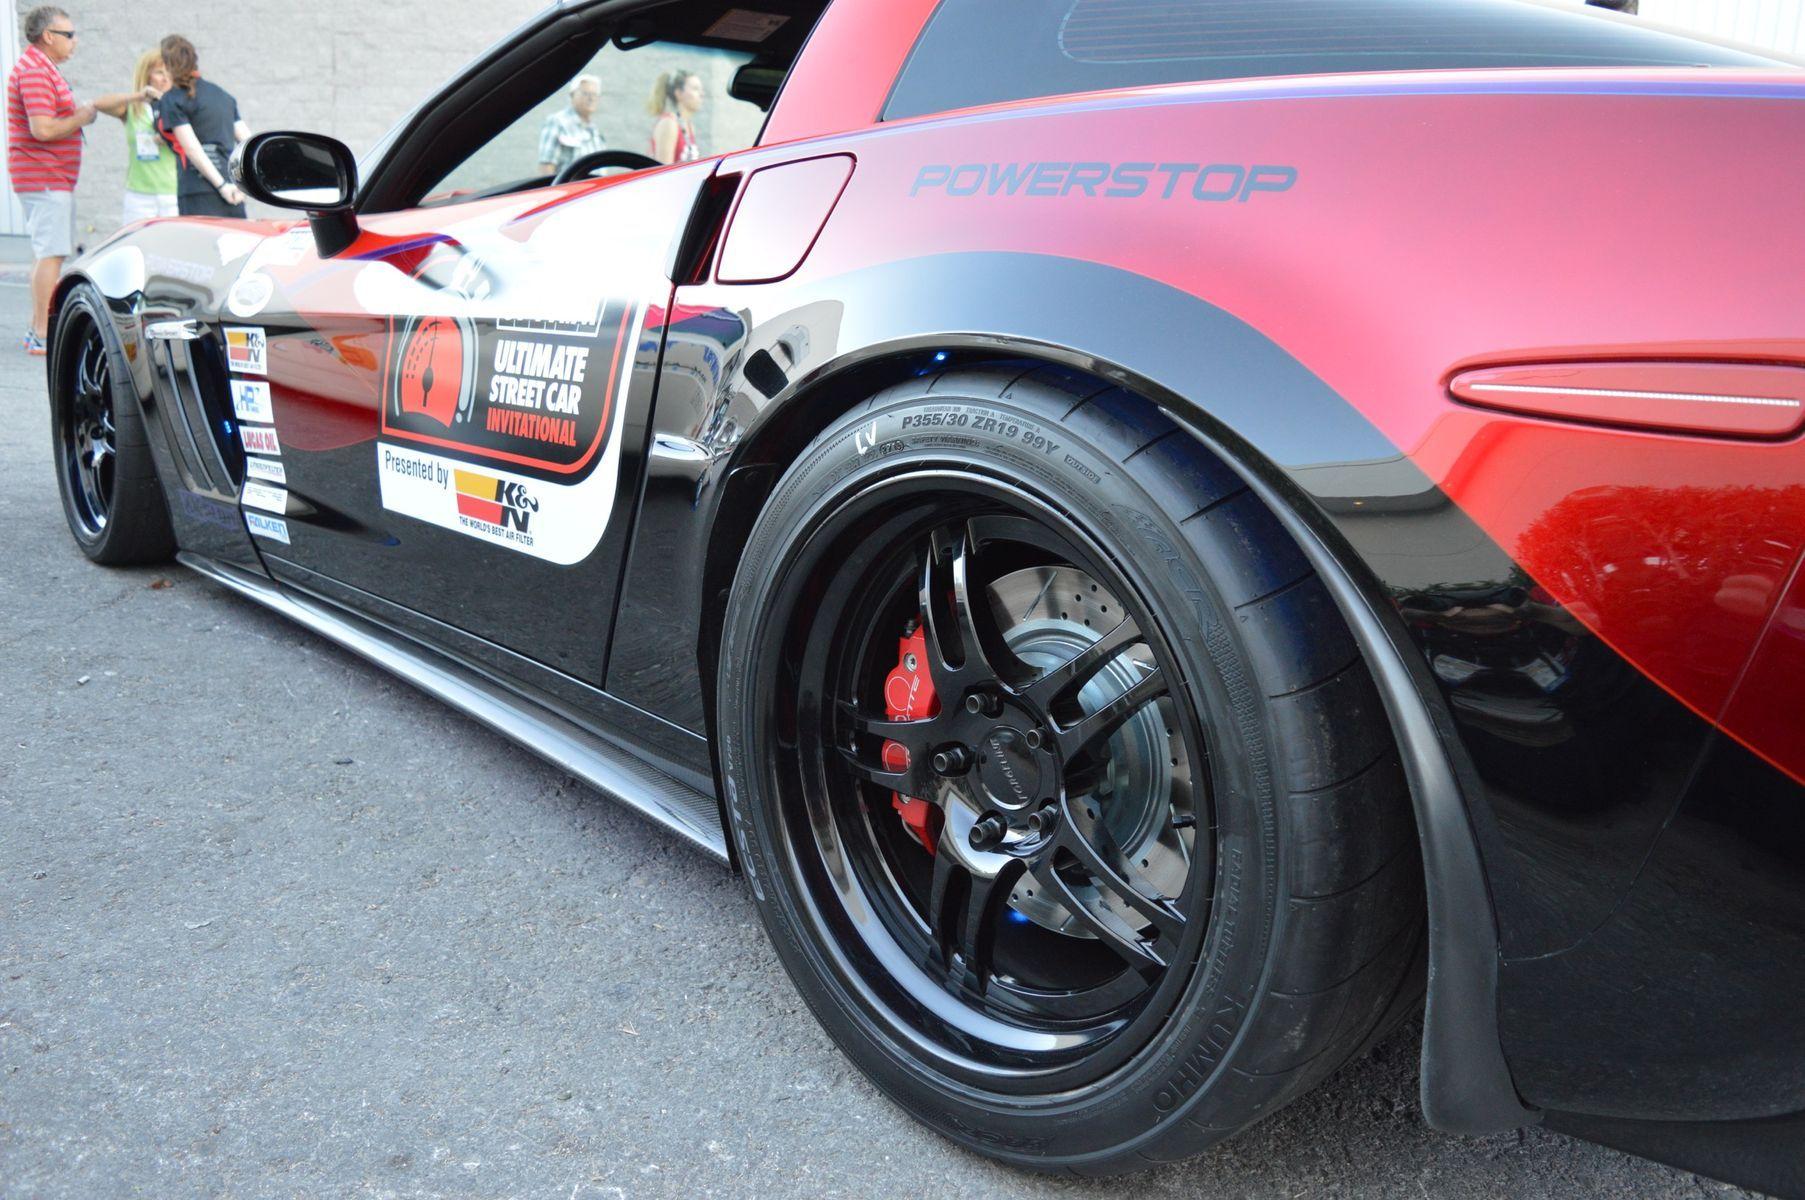 2006 Chevrolet Corvette | Glen Barnhouse's Procharged C6 Corvette Grand Sport on Forgeline DS3 Wheels